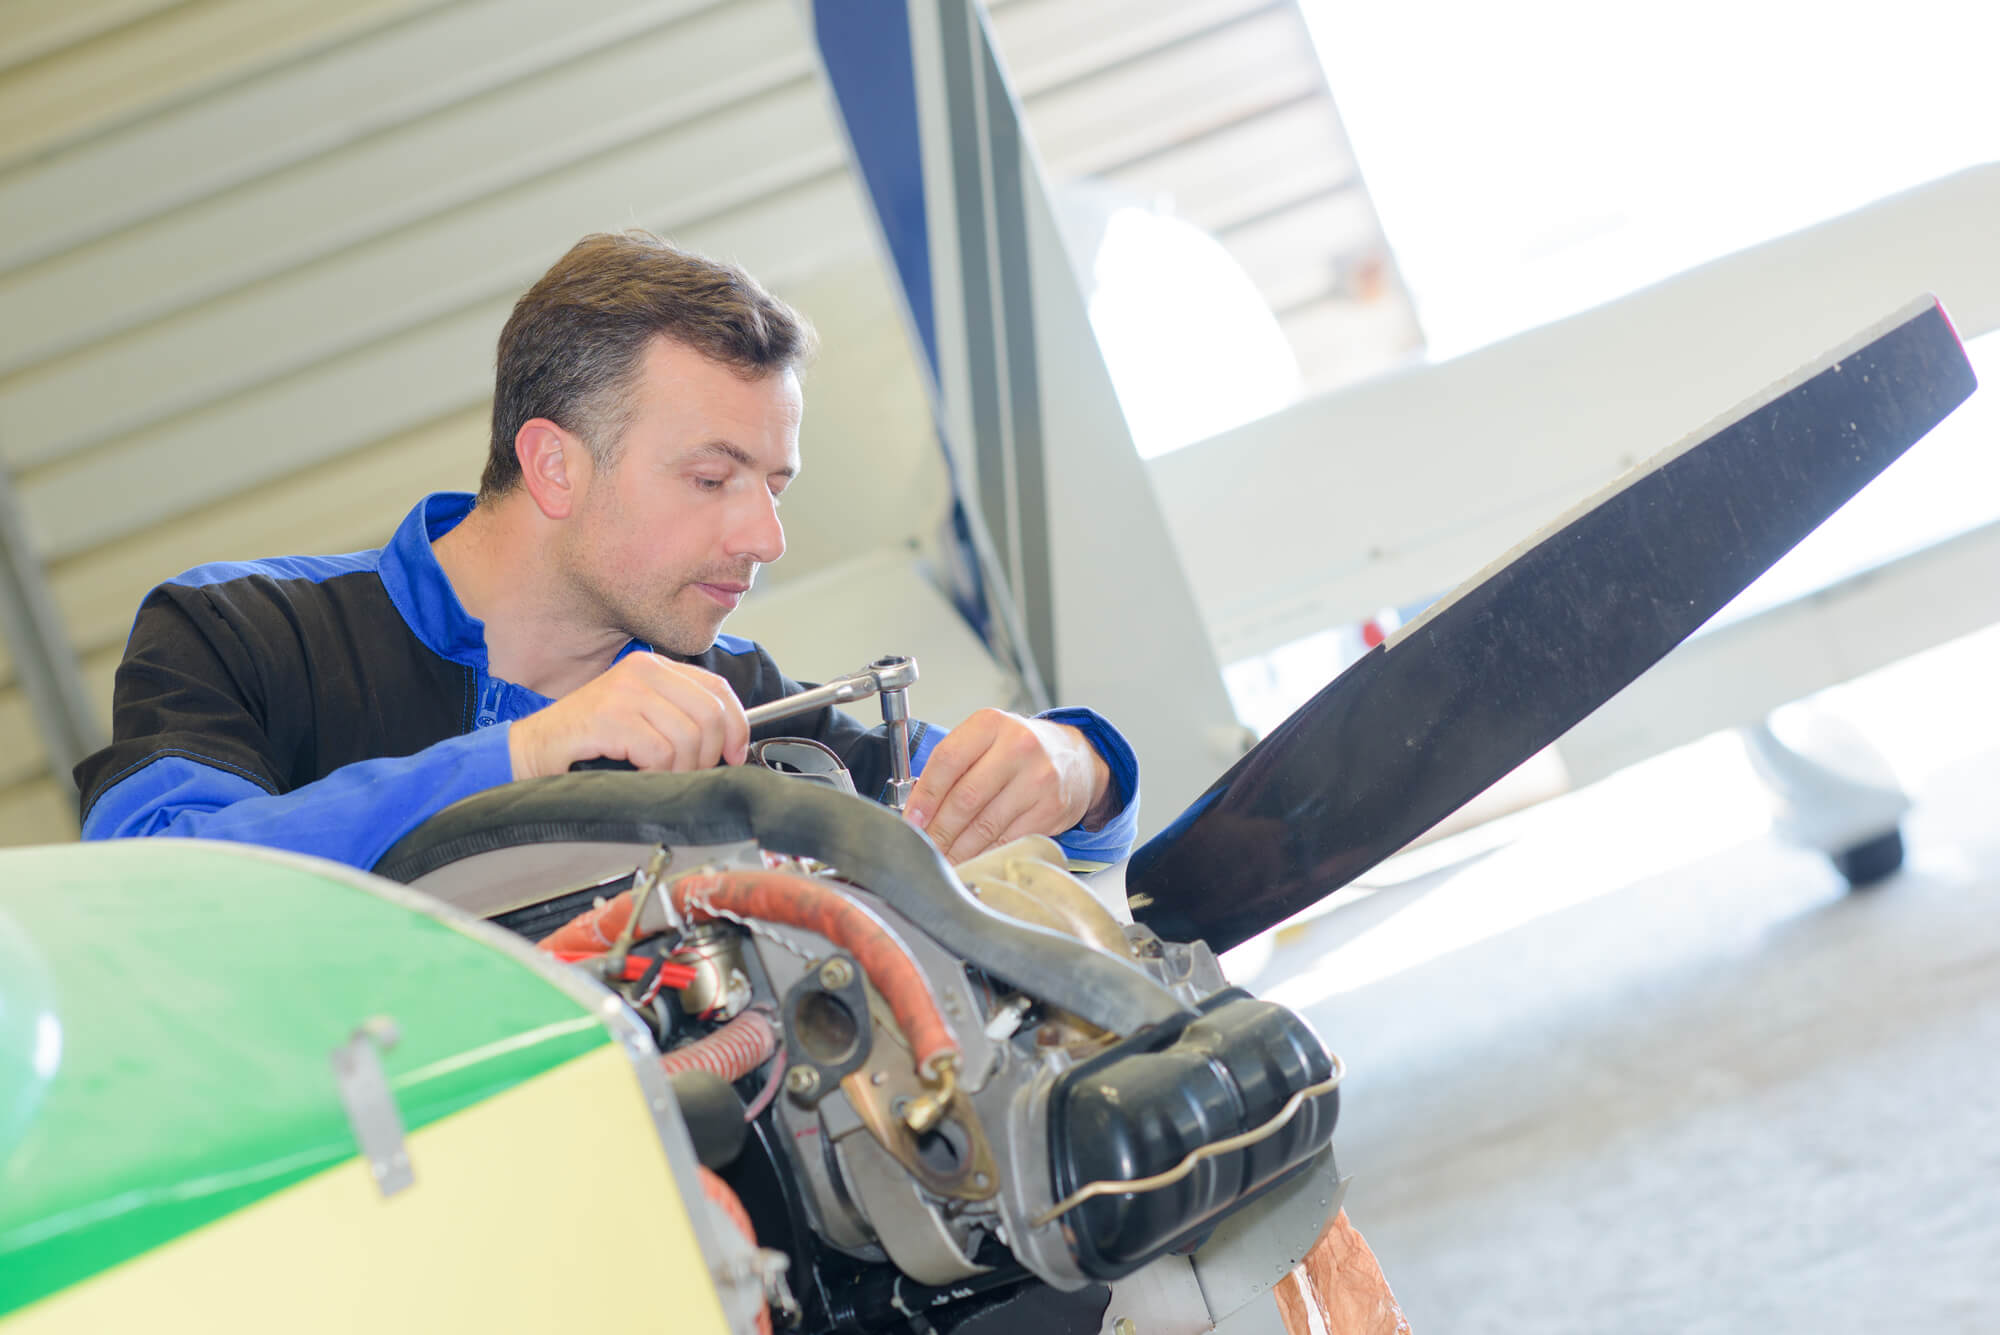 Mecânico de manutenção aeronáutica trabalhando com um motor pistão